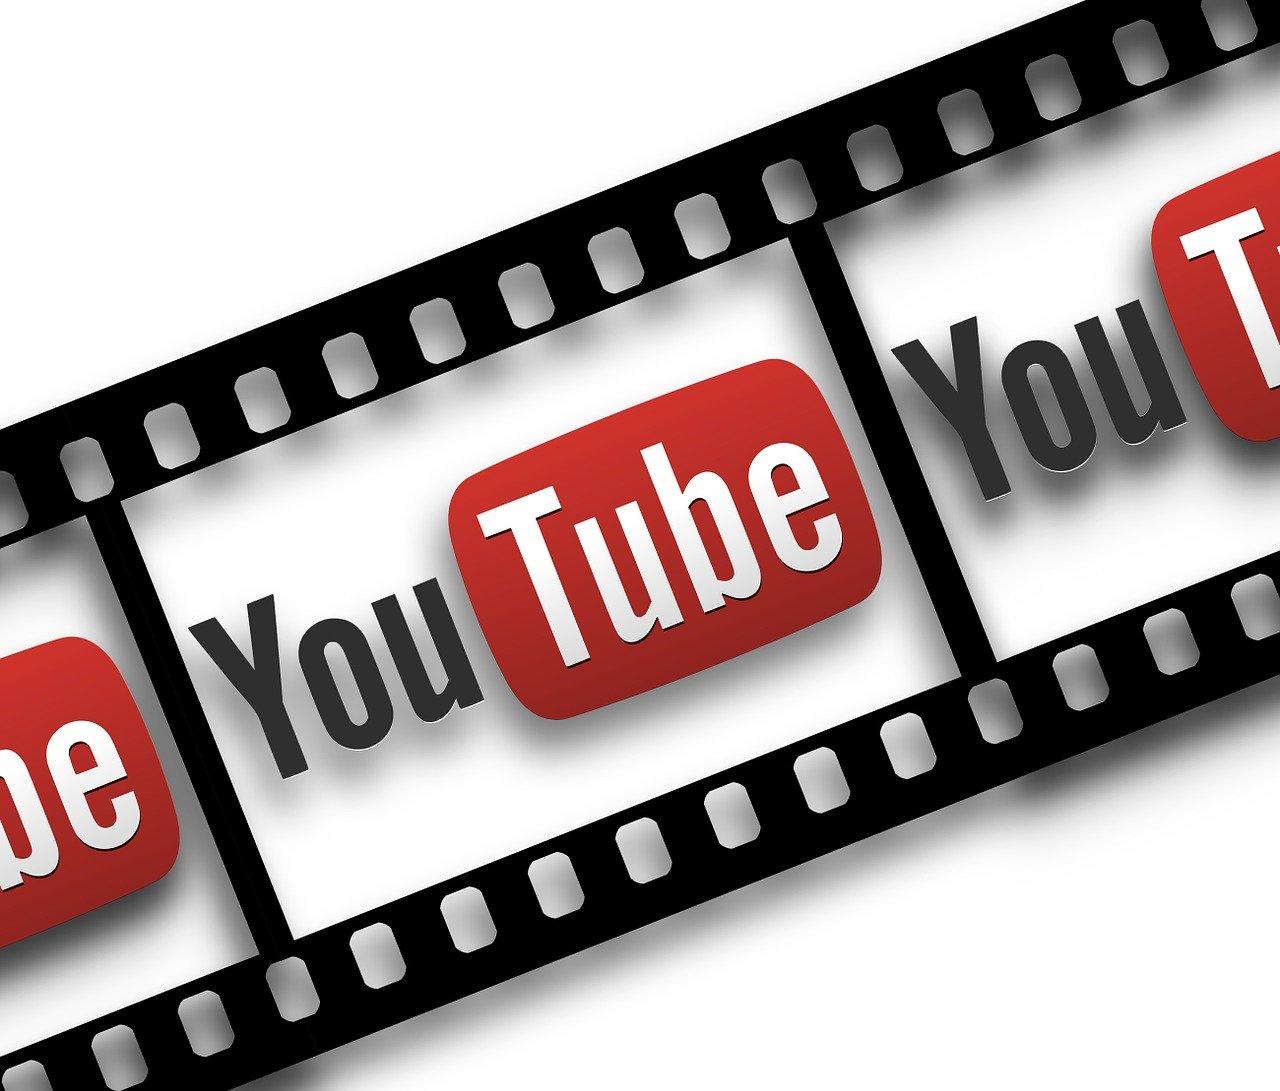 Acheter des Heures de Visionnage Youtube : Les Meilleurs Sites